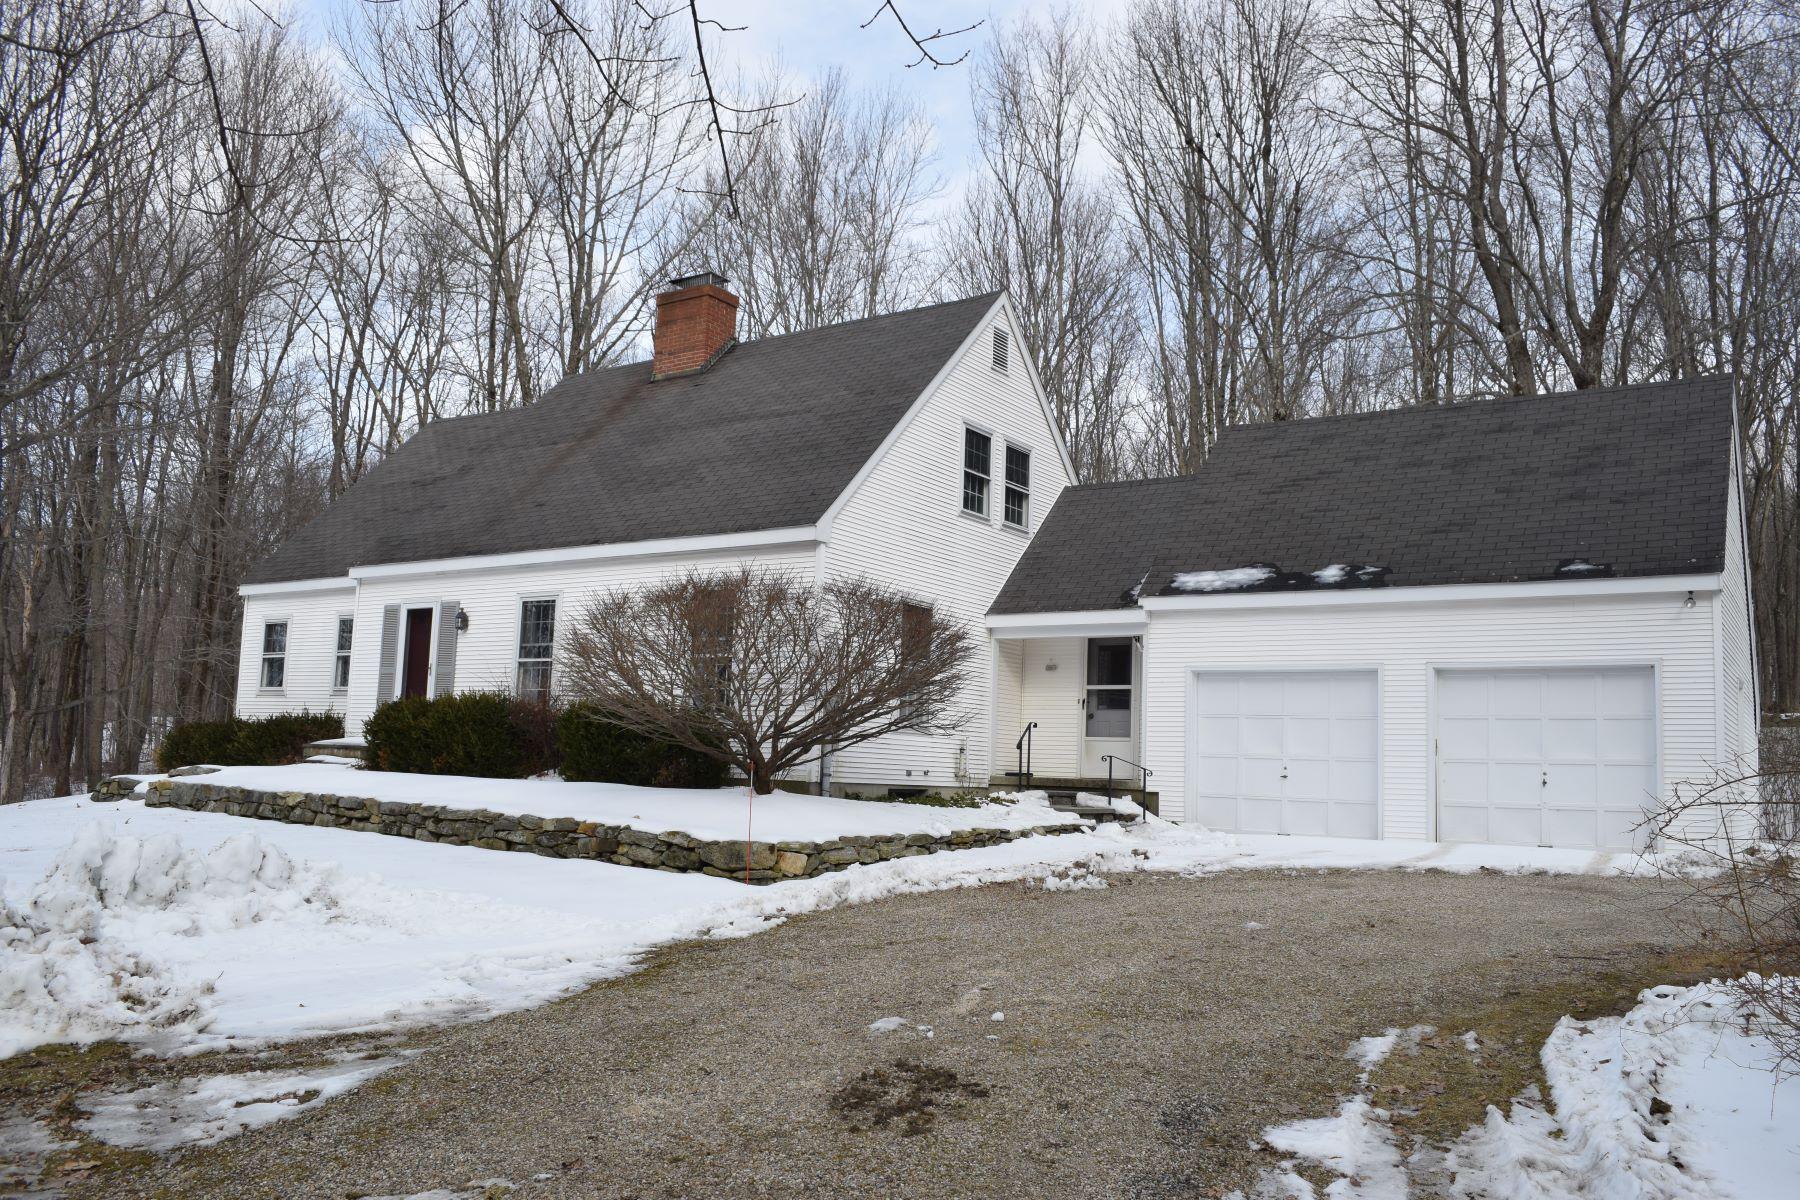 独户住宅 为 销售 在 Country Cape 3 Deer Run 莎伦, 康涅狄格州, 06069 美国